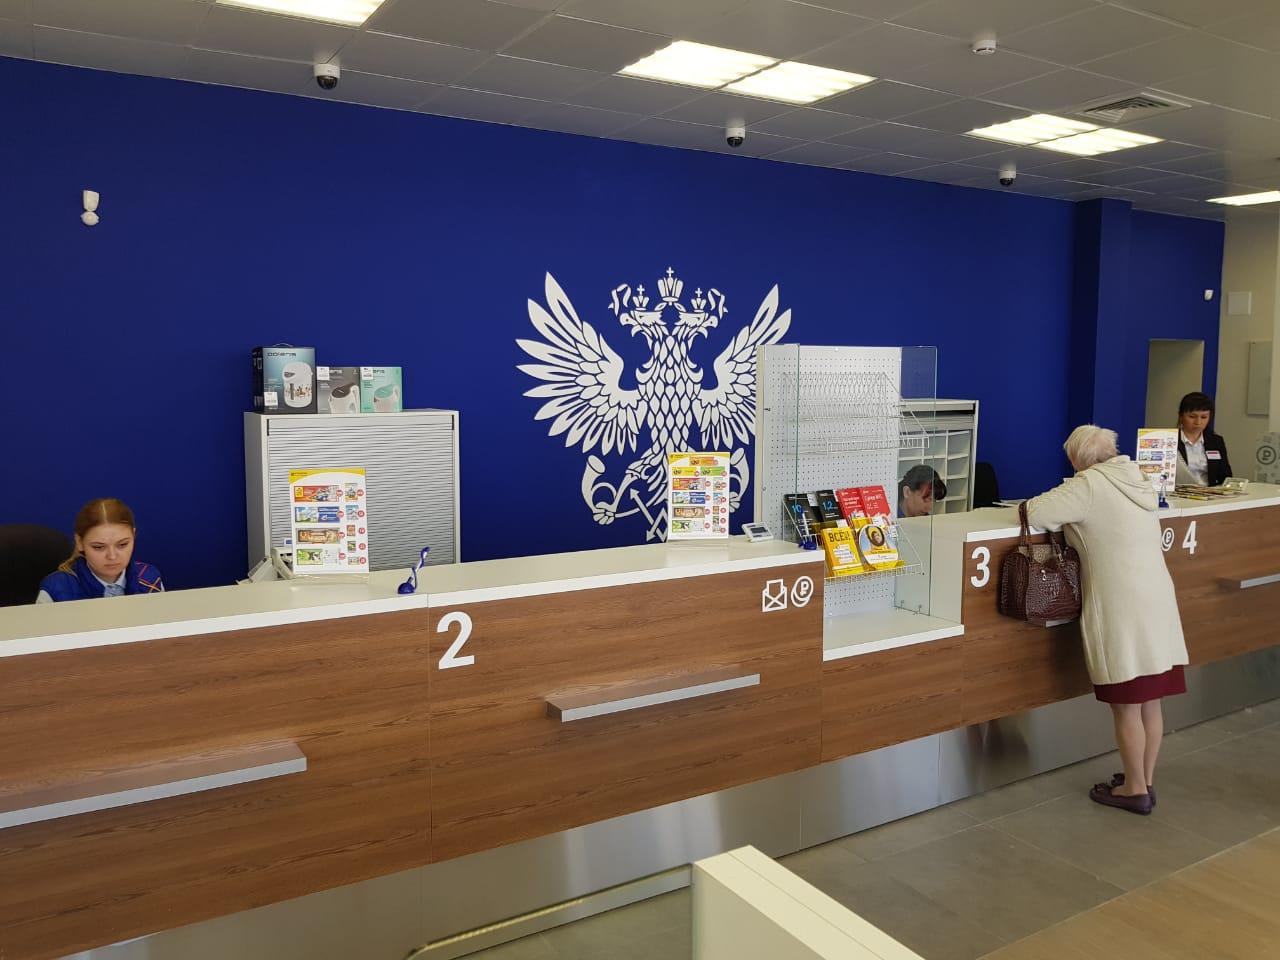 Модернизированное почтовое отделение 455044 расположено по адресу ул. имени Газеты «Правда»  9